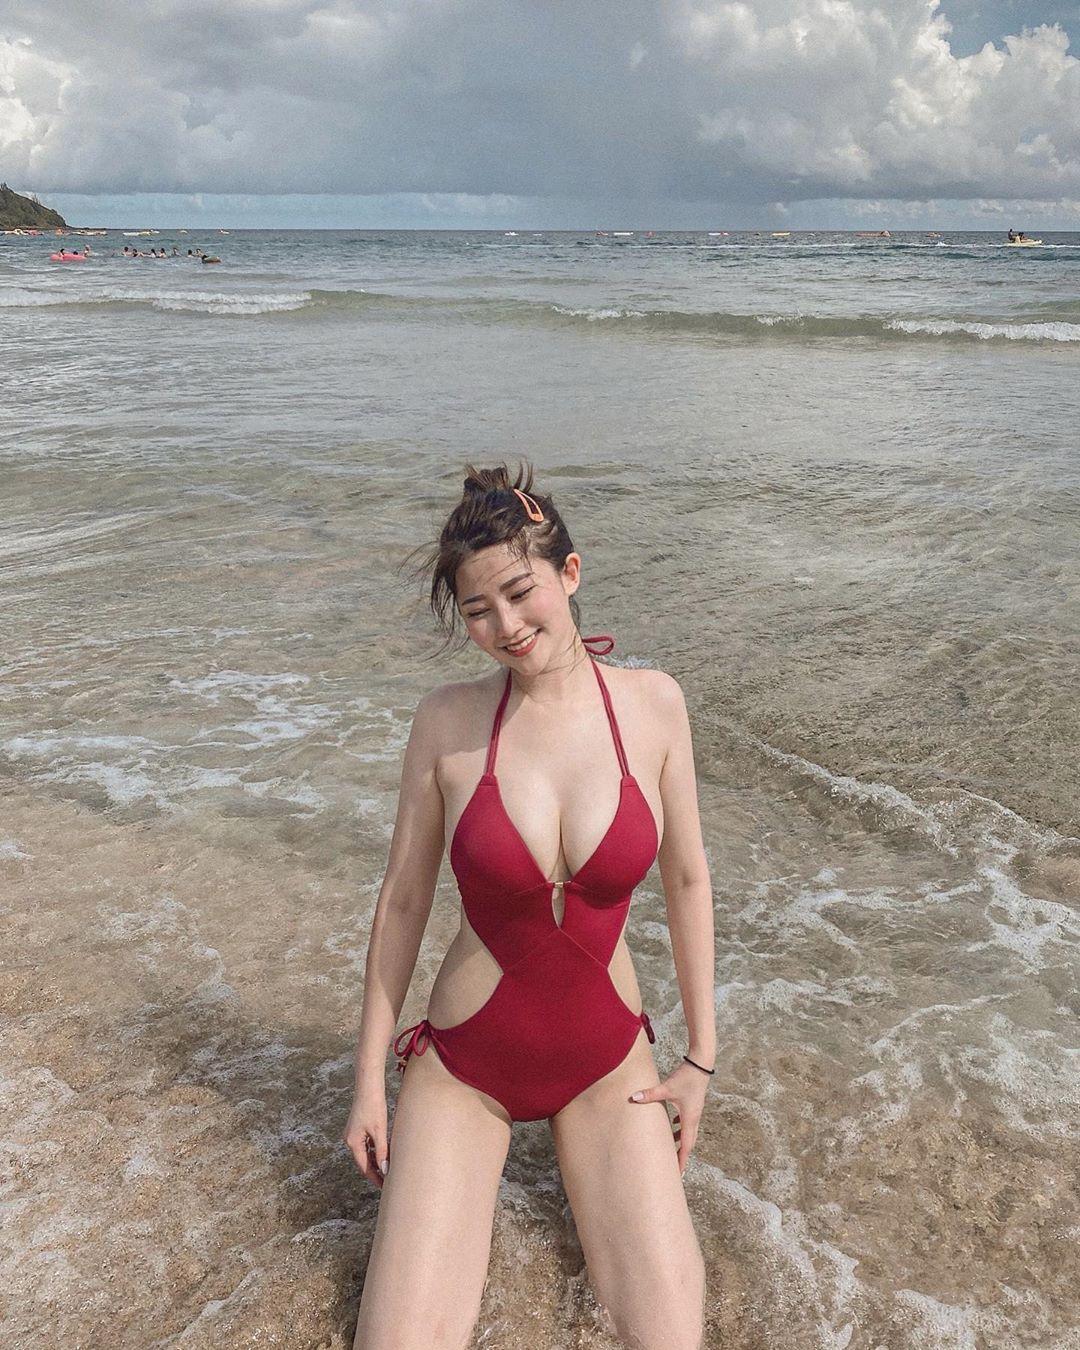 白嫩比基尼正妹安安Julianne红色连体泳衣太性感